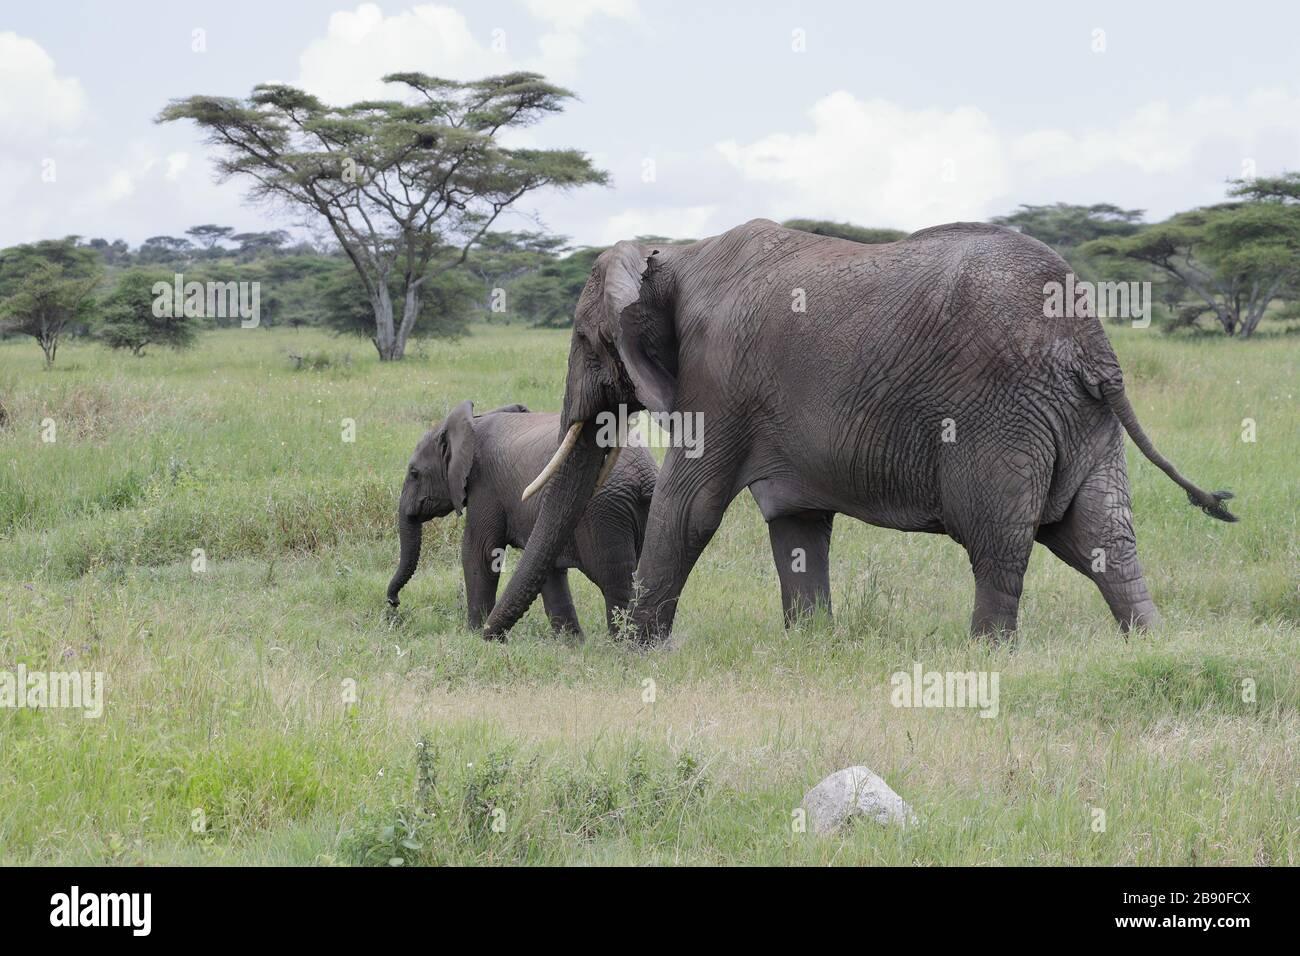 Der Afrikanische Buschelefant, auch Afrikanische Savannenelefant genannt, ist das größte lebende terrestrische Tier. Stockfoto